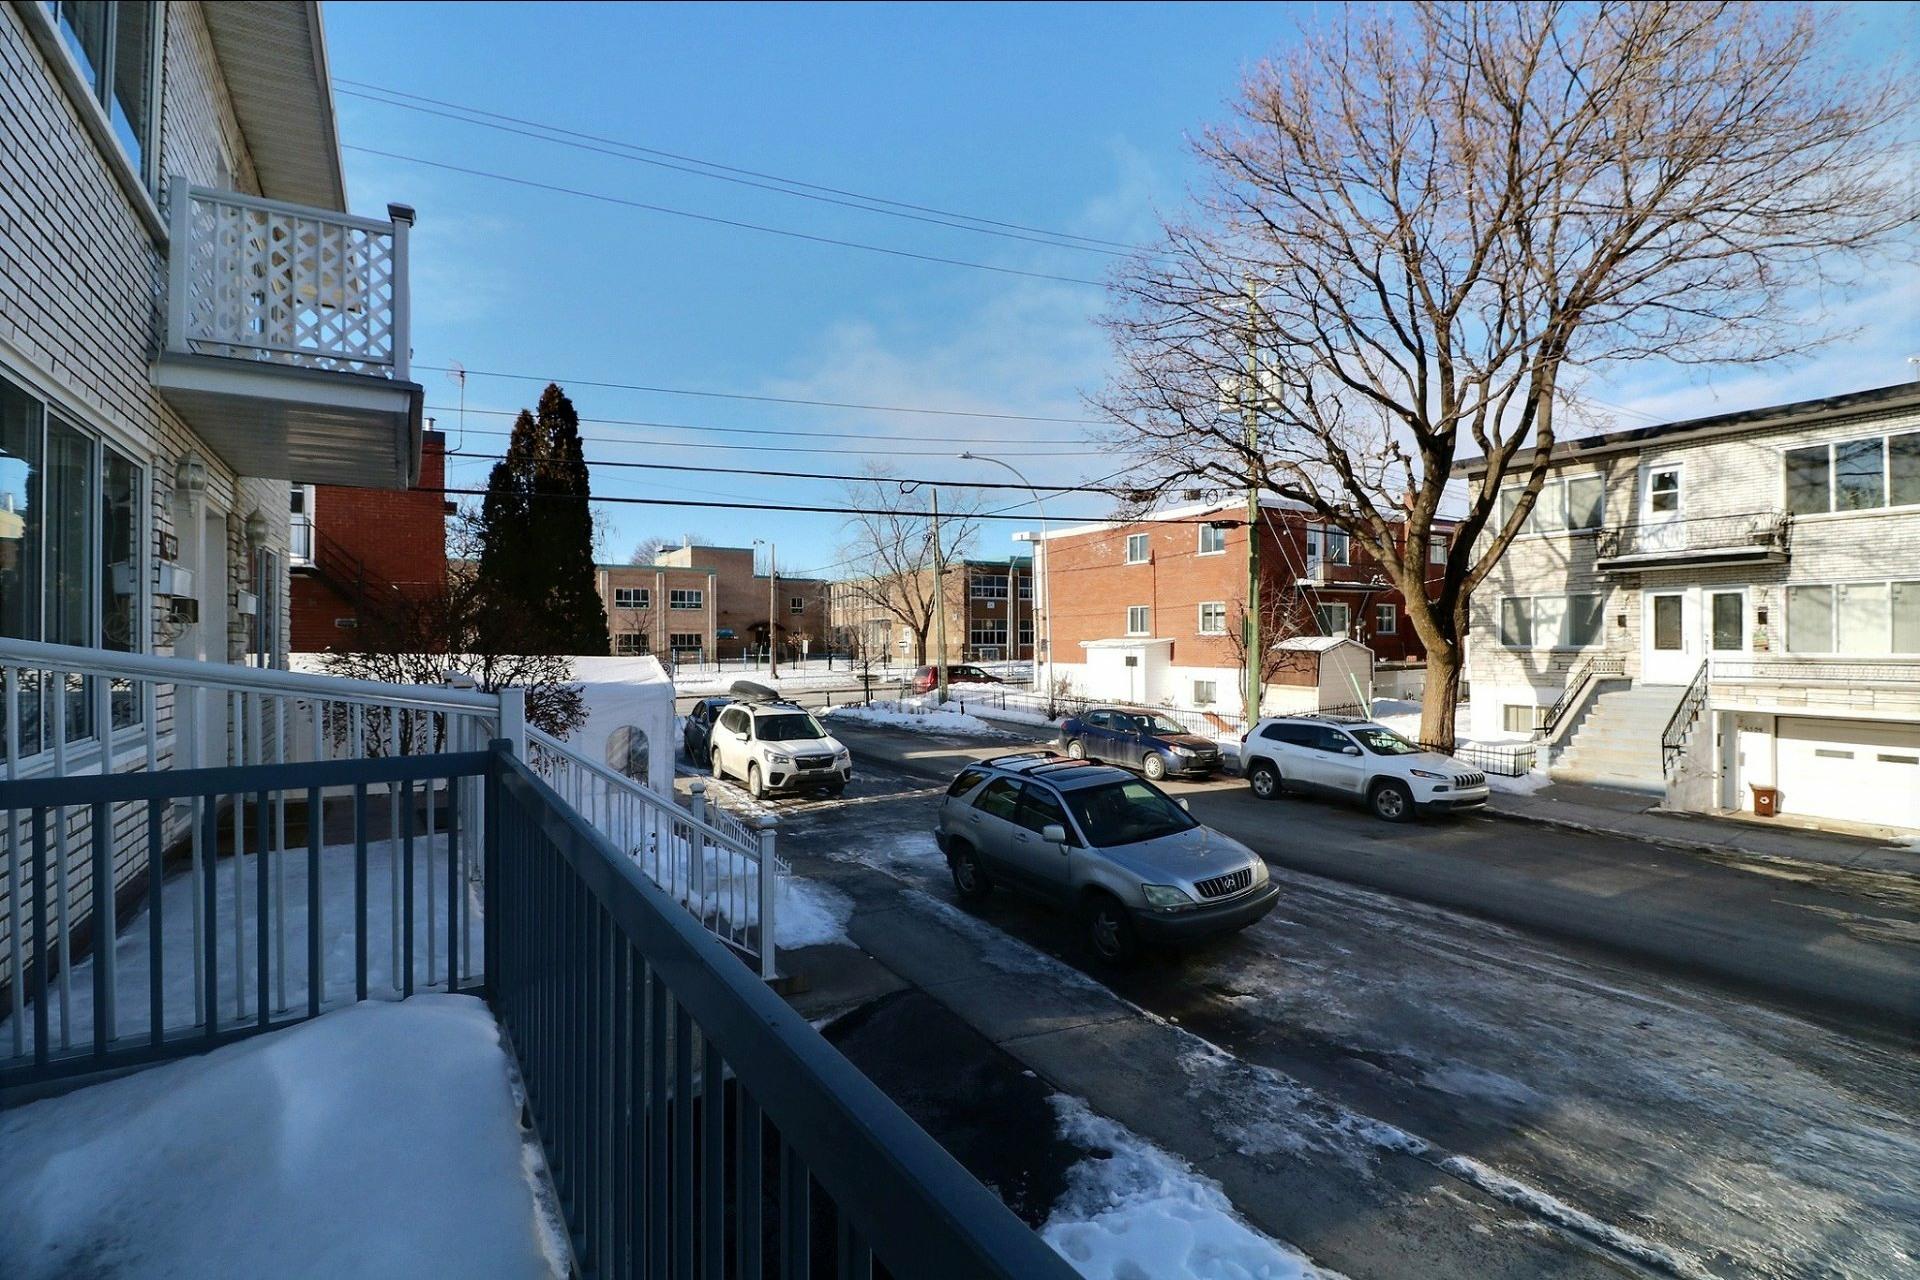 image 23 - Duplex À vendre Montréal-Nord Montréal  - 5 pièces